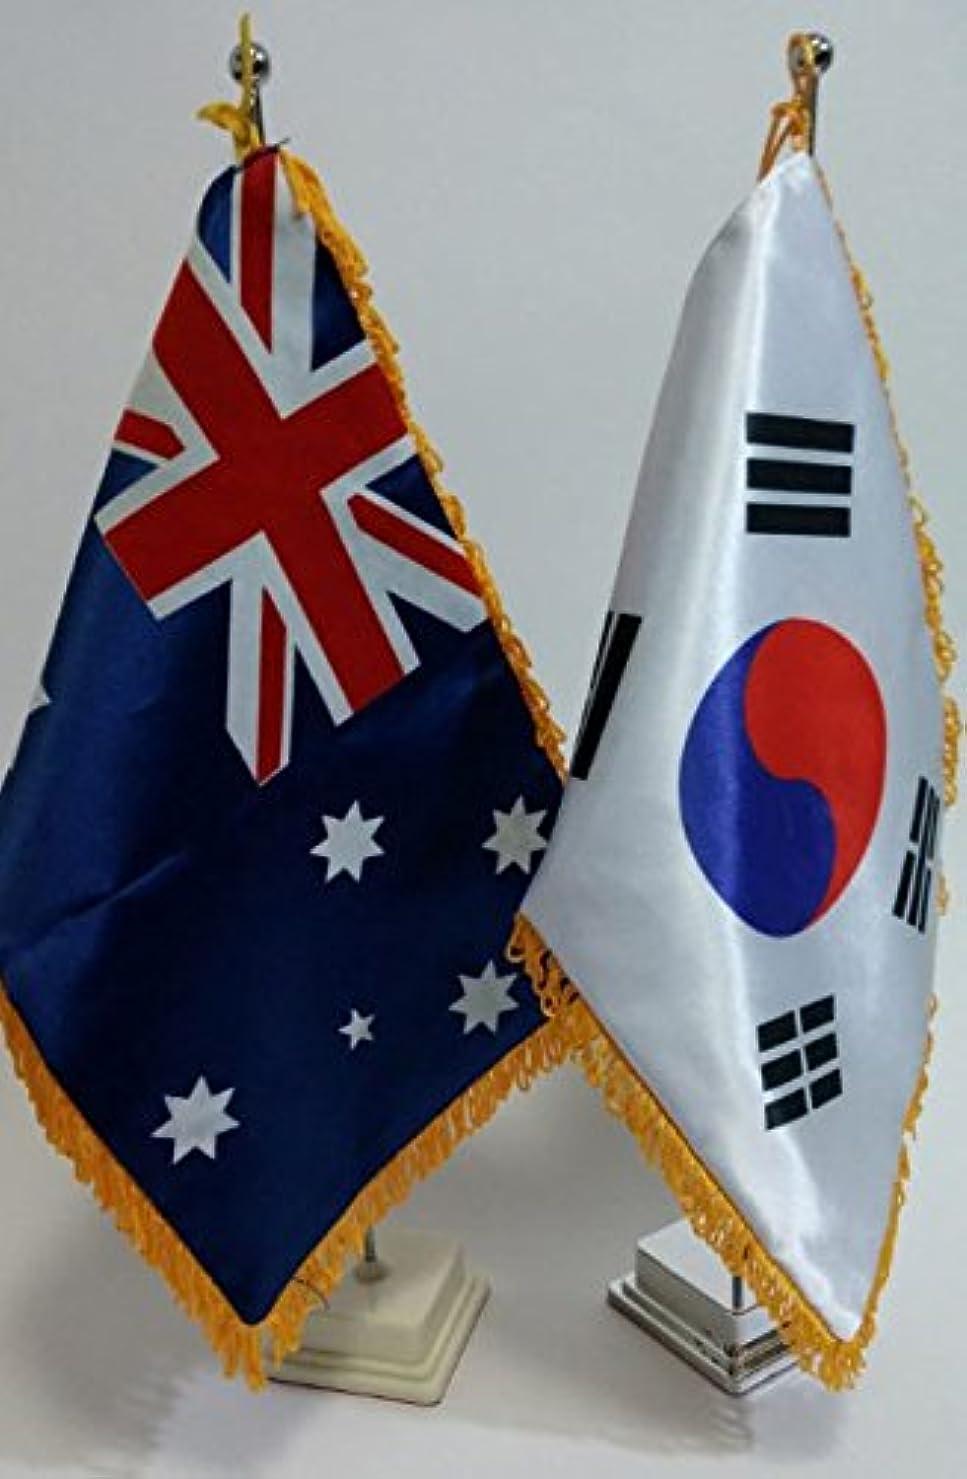 格差隙間契約した高級、ミニフラッグ国旗立てセット,ミニ世界国旗販売